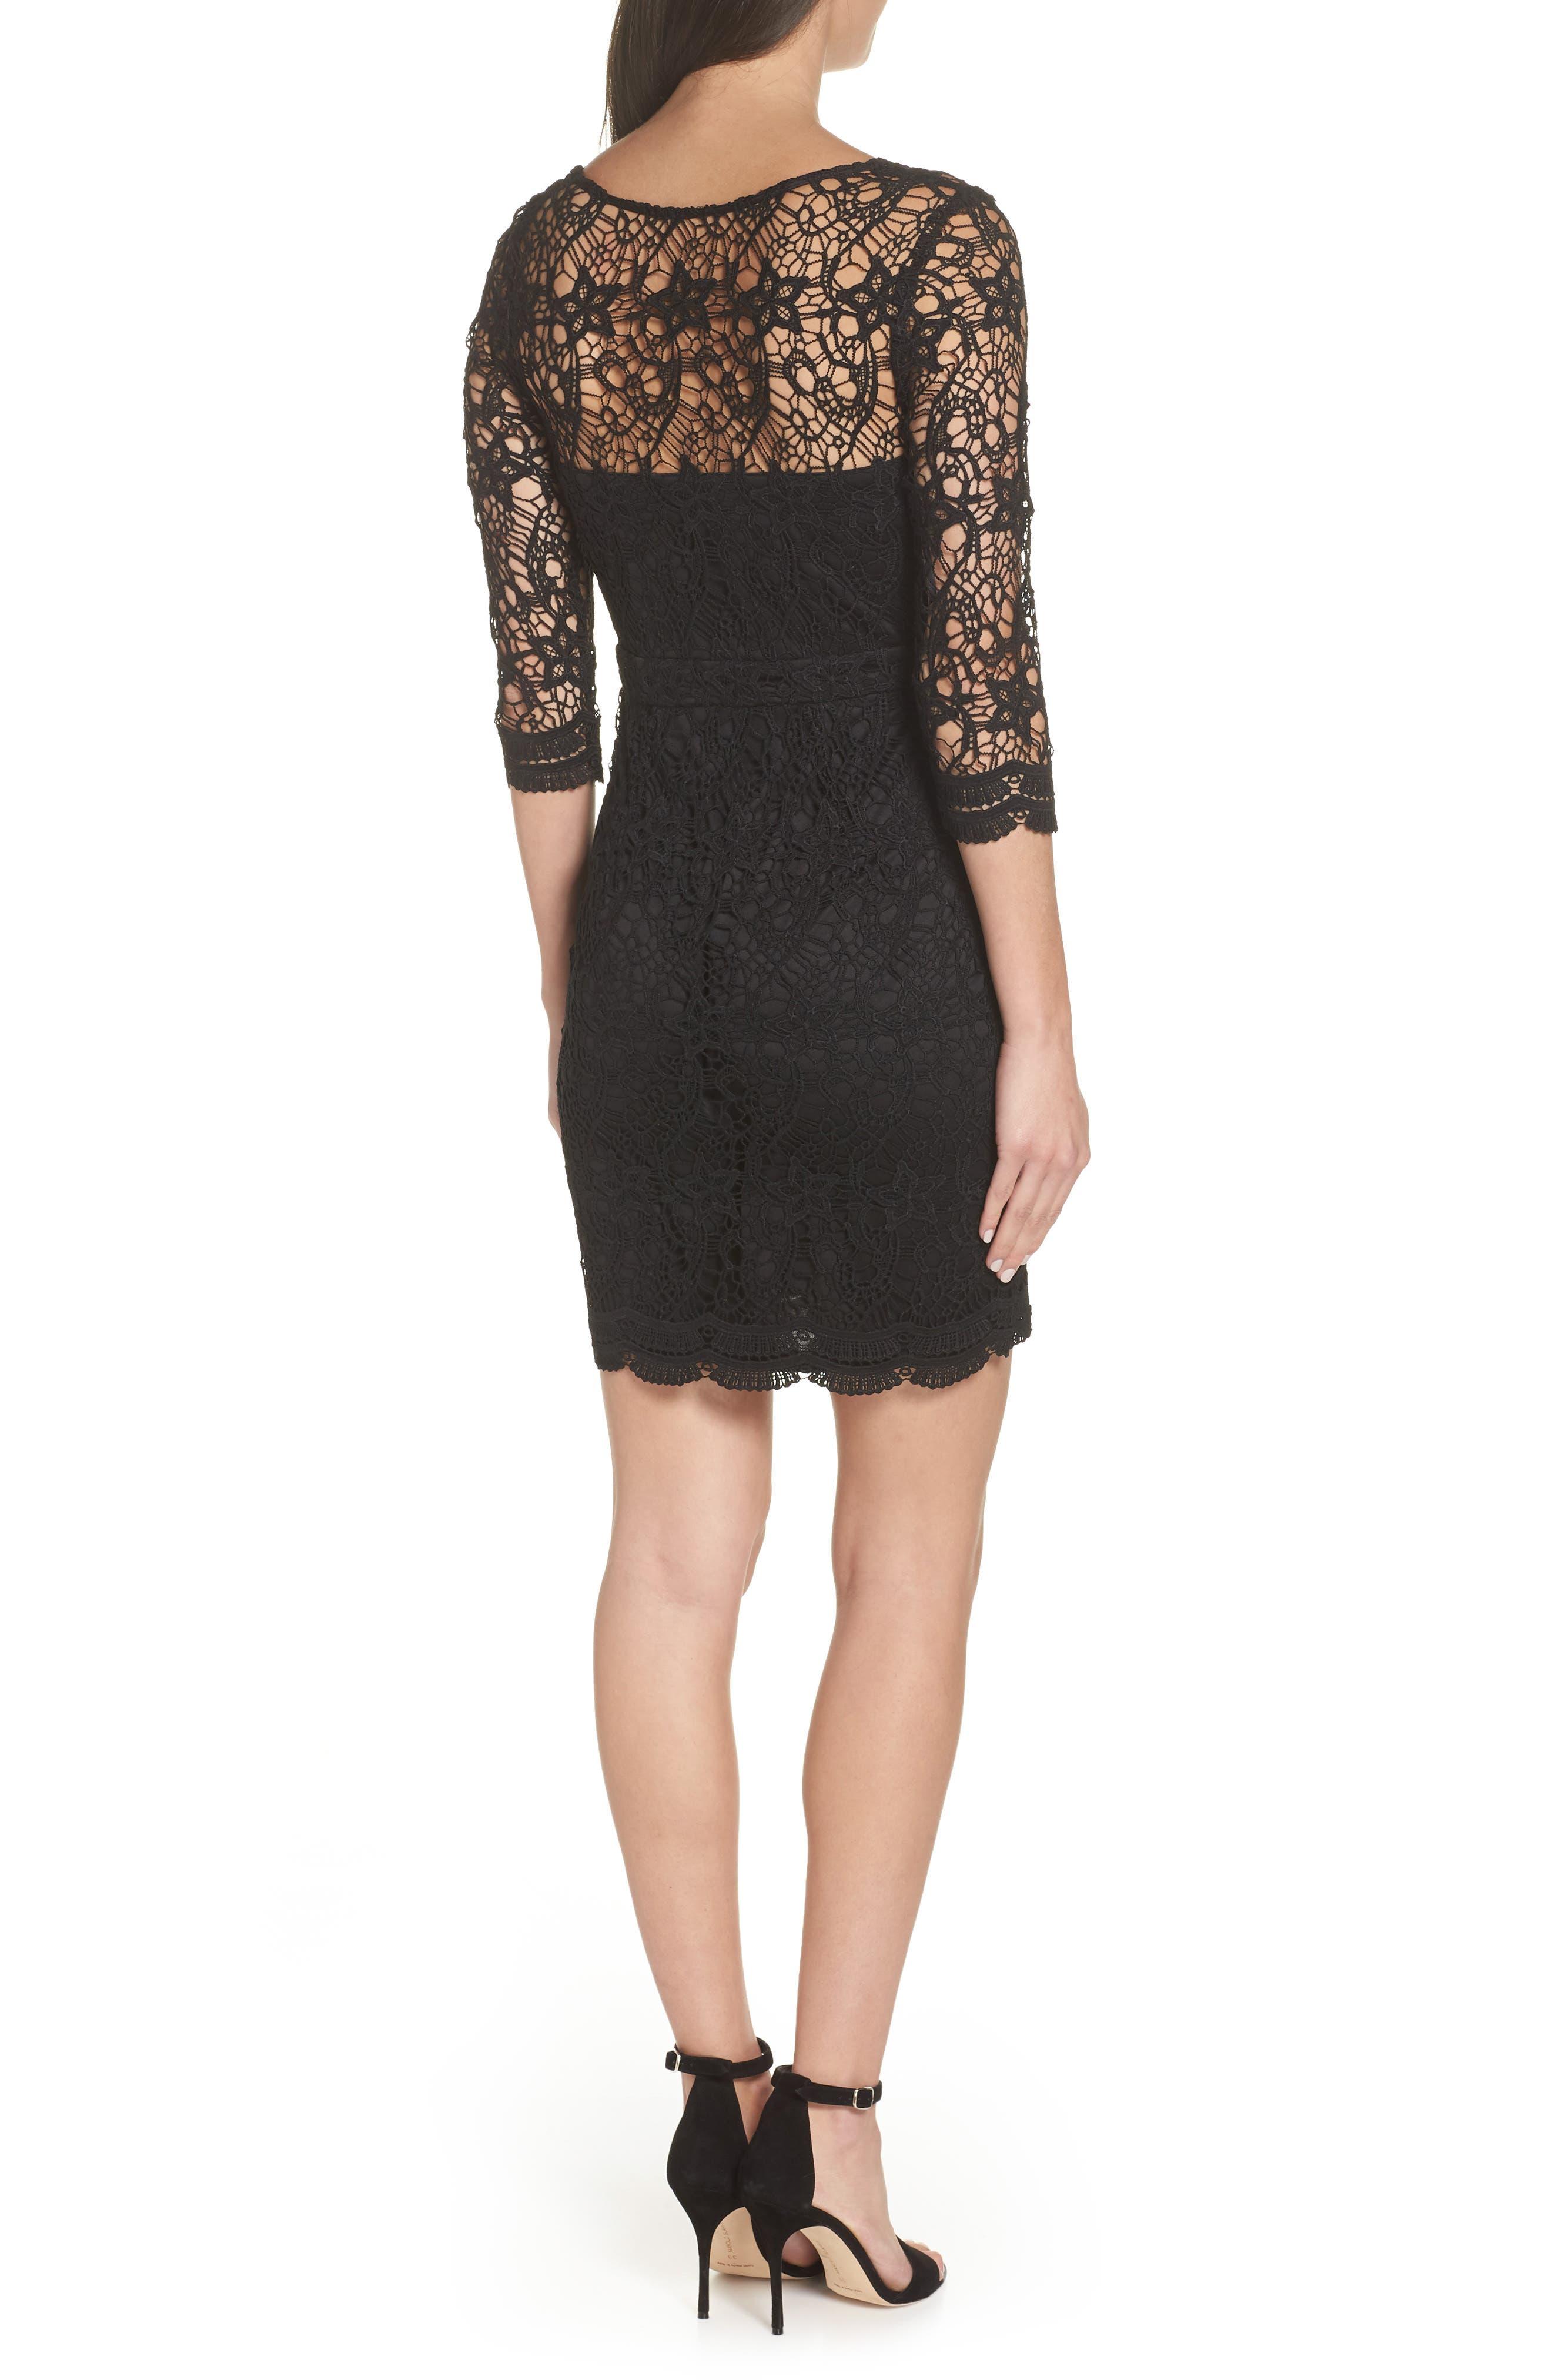 LULUS, Lace Cocktail Dress, Alternate thumbnail 2, color, BLACK